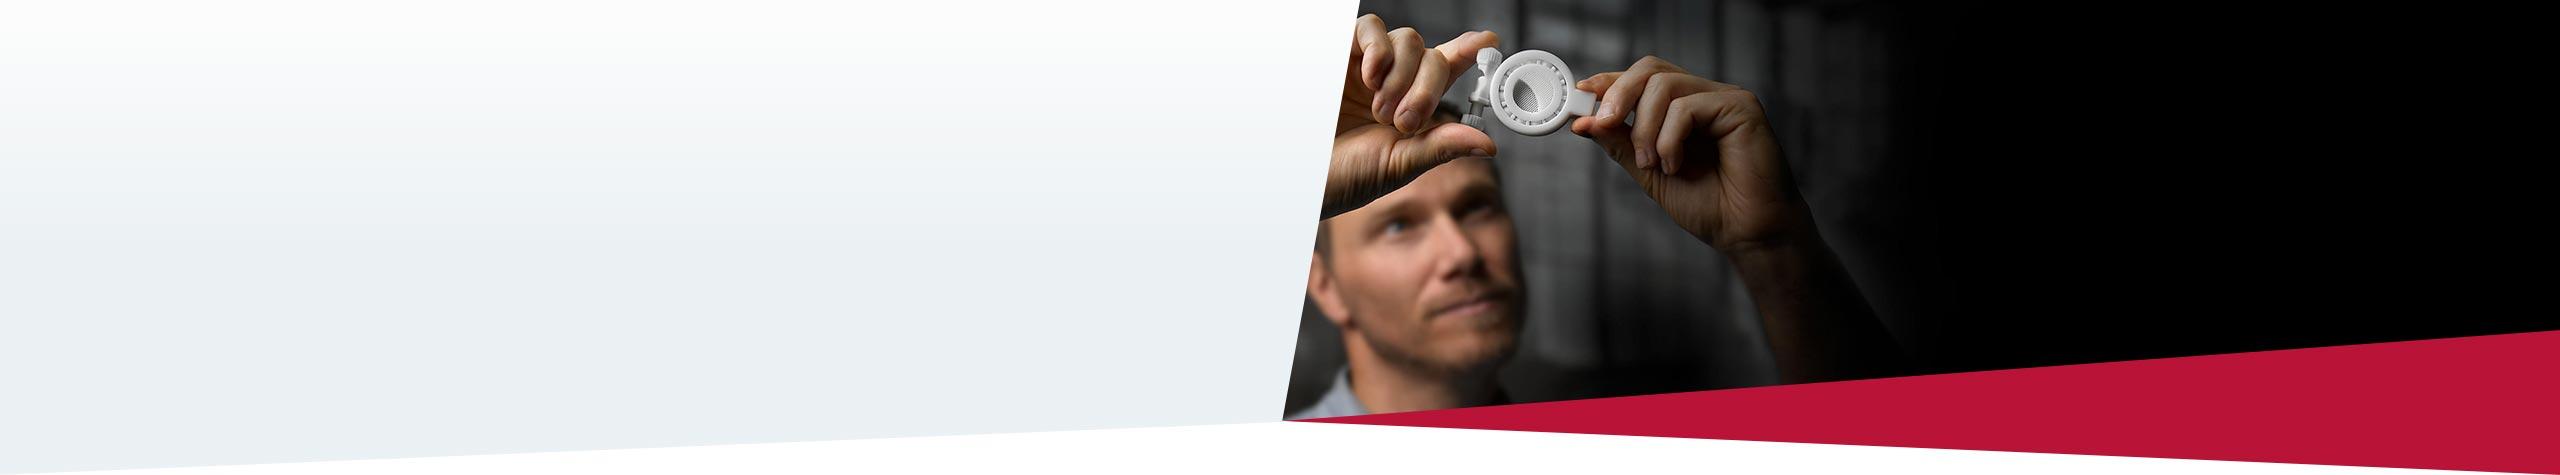 3D-Druck und additive Fertigung End-to-End-Fertigungslösungen von 3D Systems